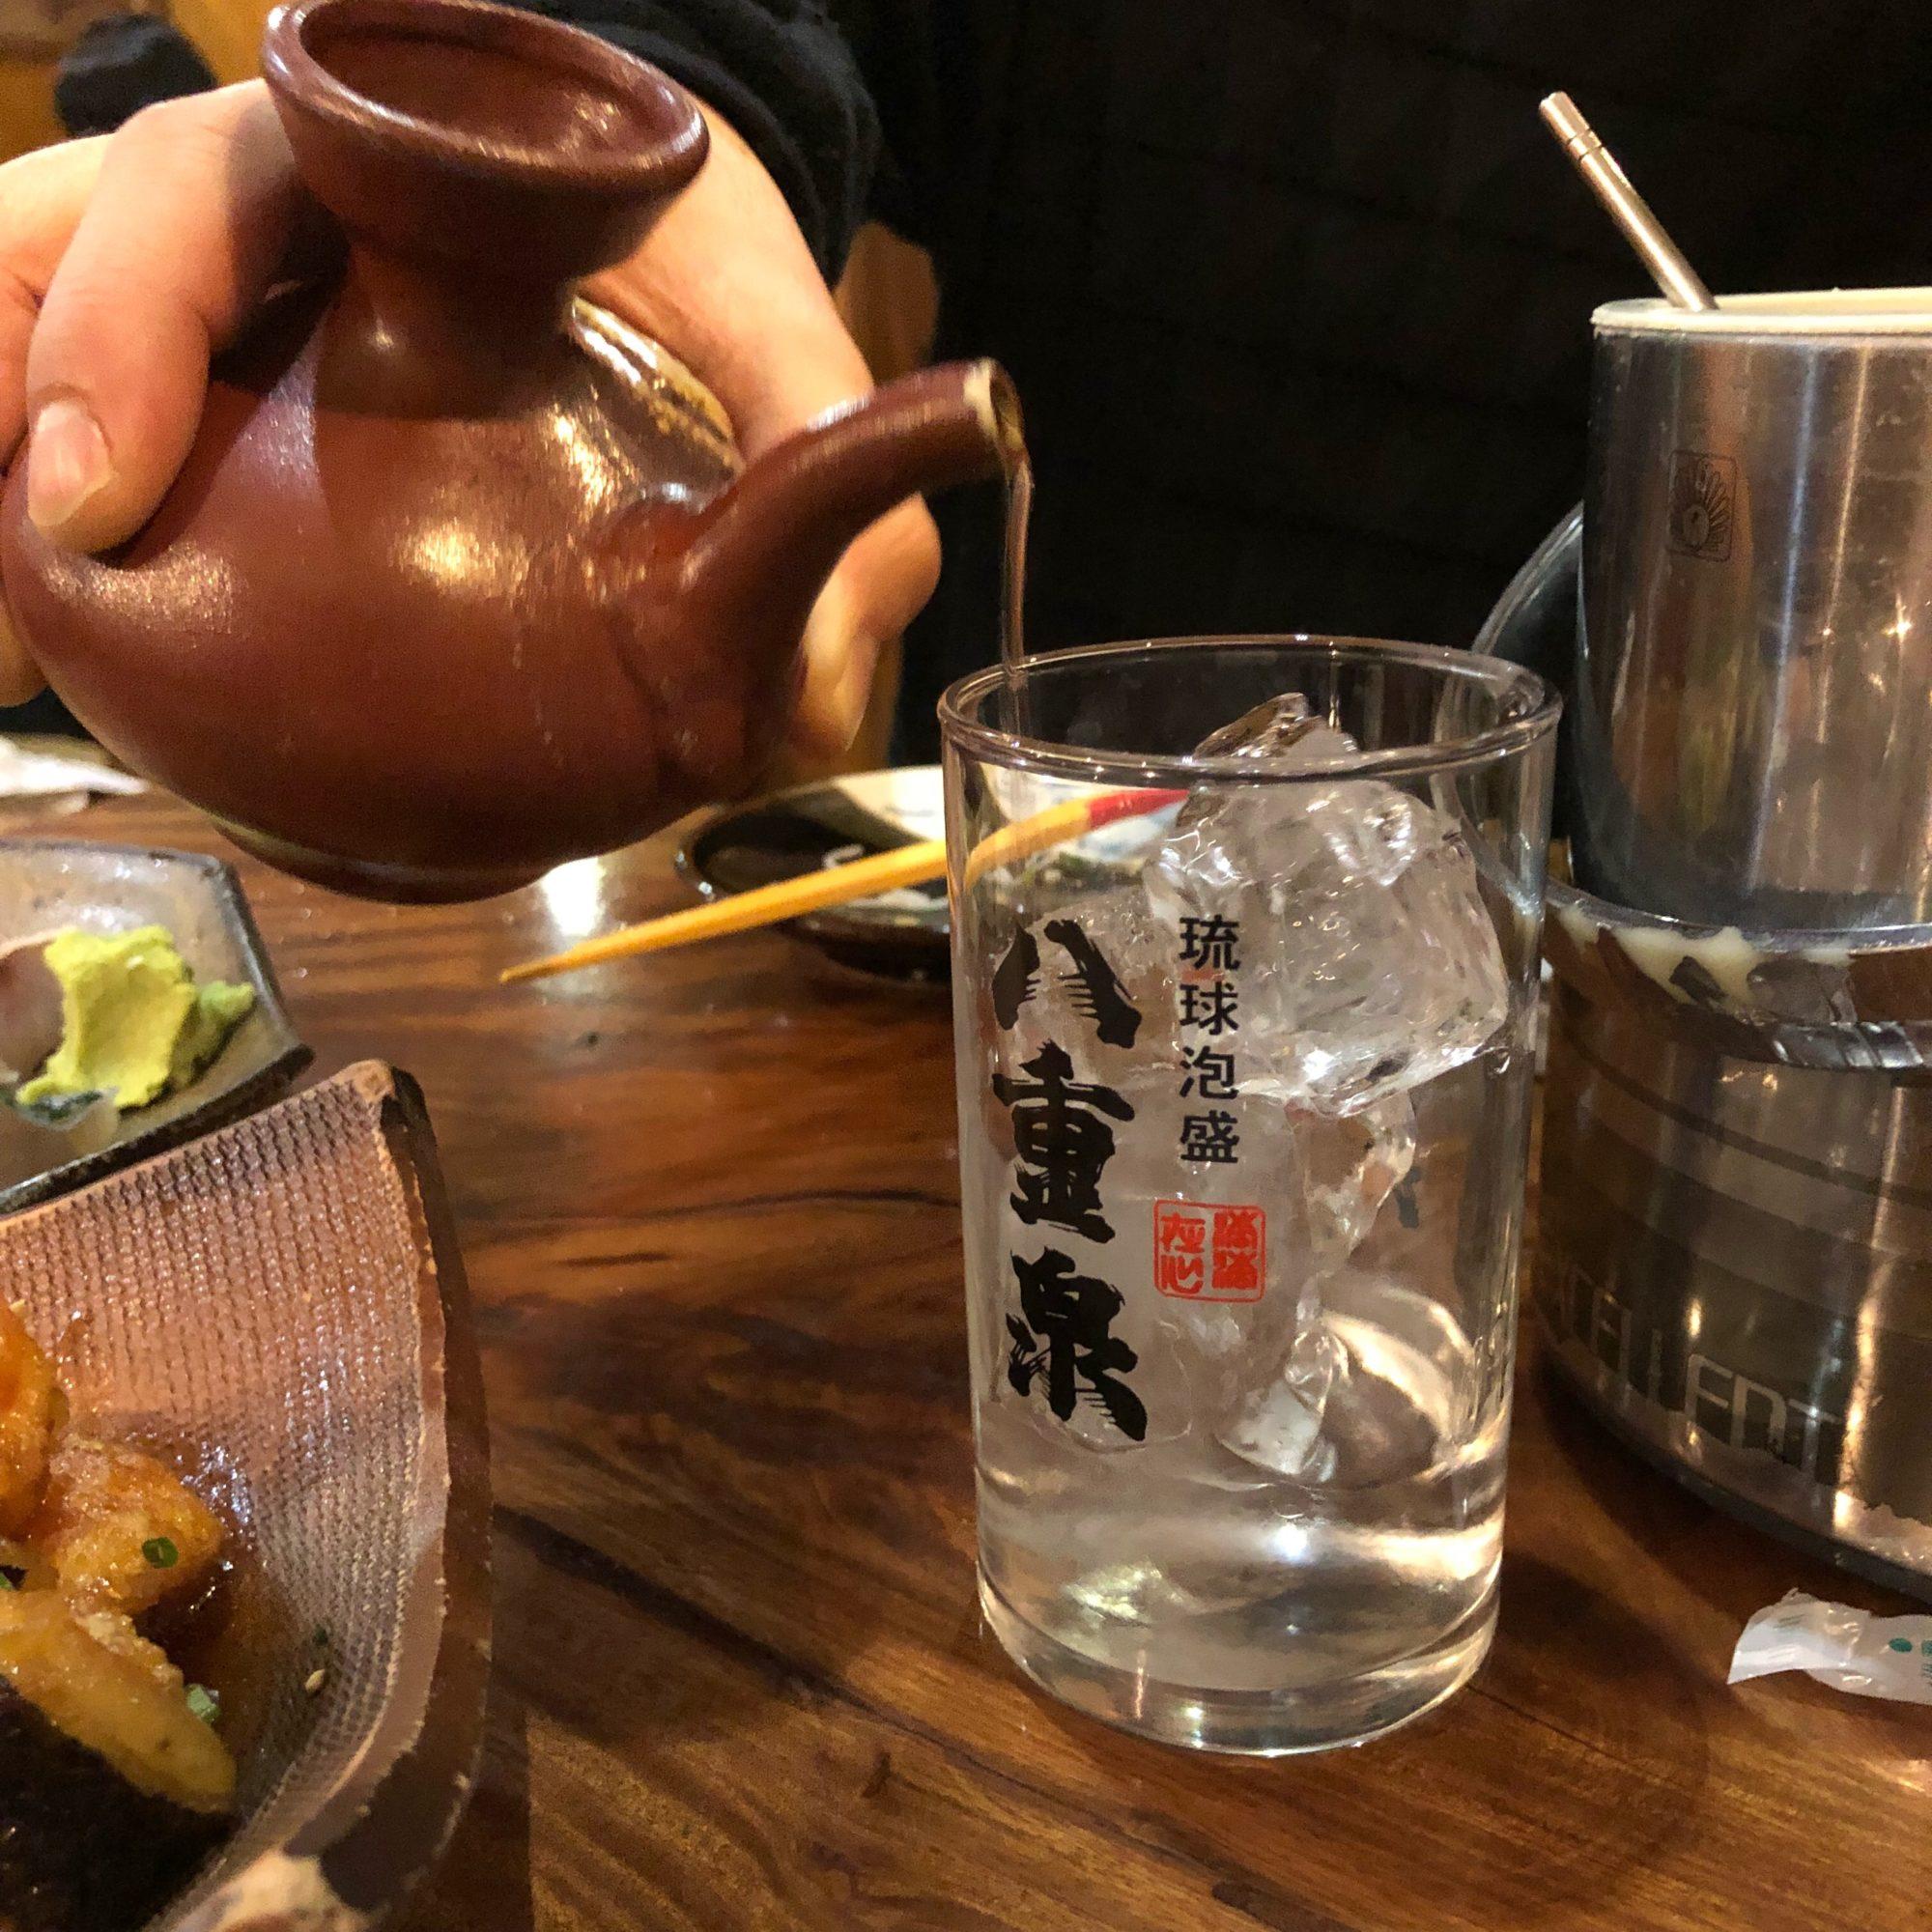 石垣島の料理を堪能。丸源の美味しいご飯と泡盛を満喫〜年末に行く、離島旅2017-2018〜